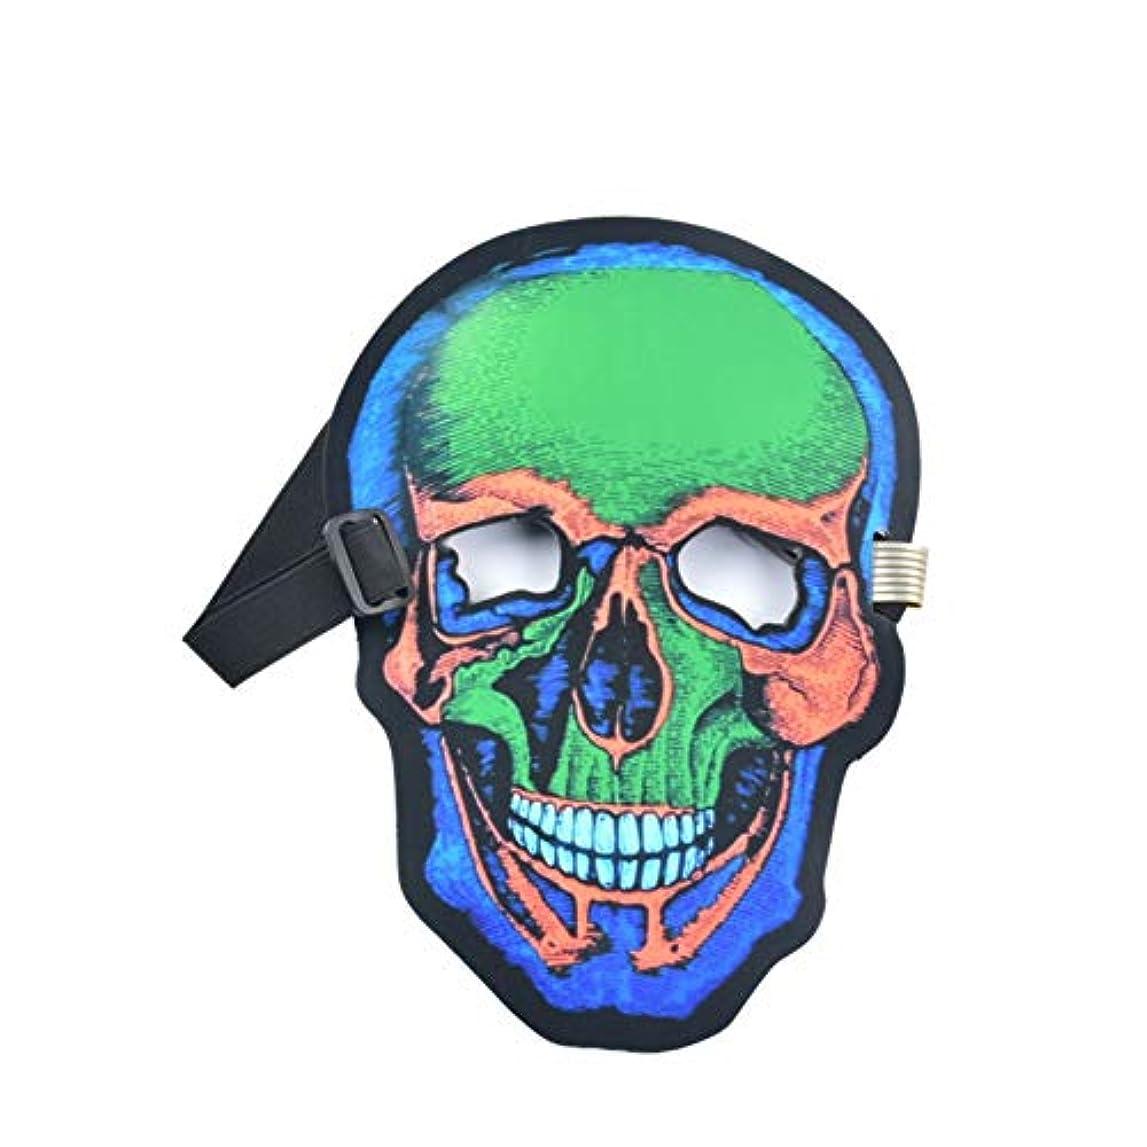 回復好きである固執Esolom ハロウィンドレスアップ どくろ頭 音声制御マスク 音作動LED照明マスク ウサギのデザイン ハロウィンマスク DJミュージックマスク